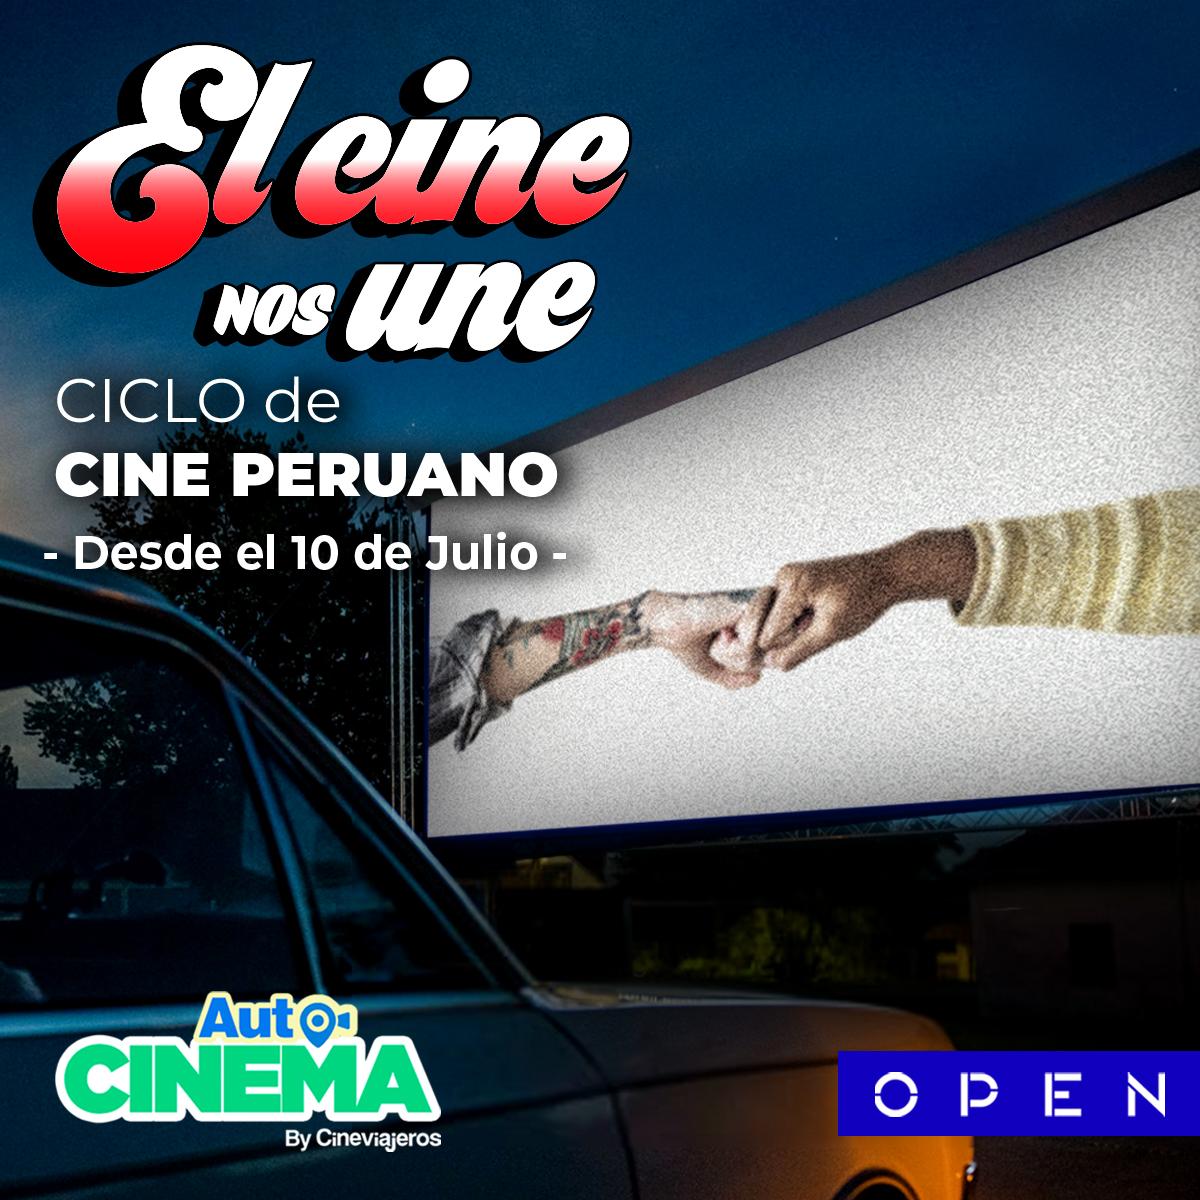 Foto de Autocinema Cineviajeros de Open, reabre sus puertas de cara al Perú del Bicentenario